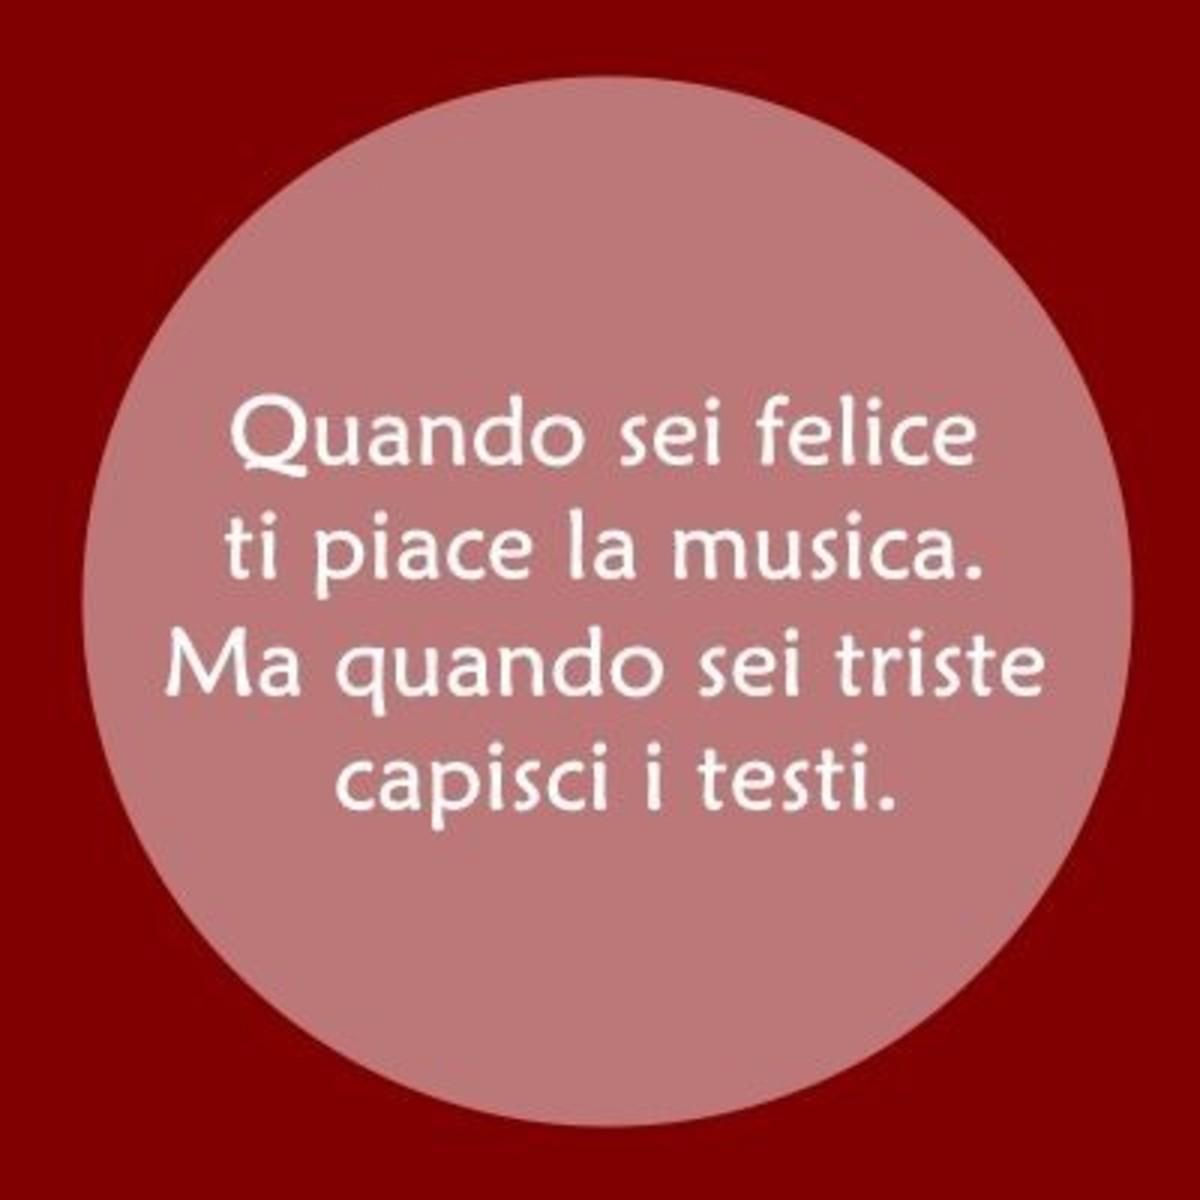 Frasi sulla musica - BuongiornoATe.it